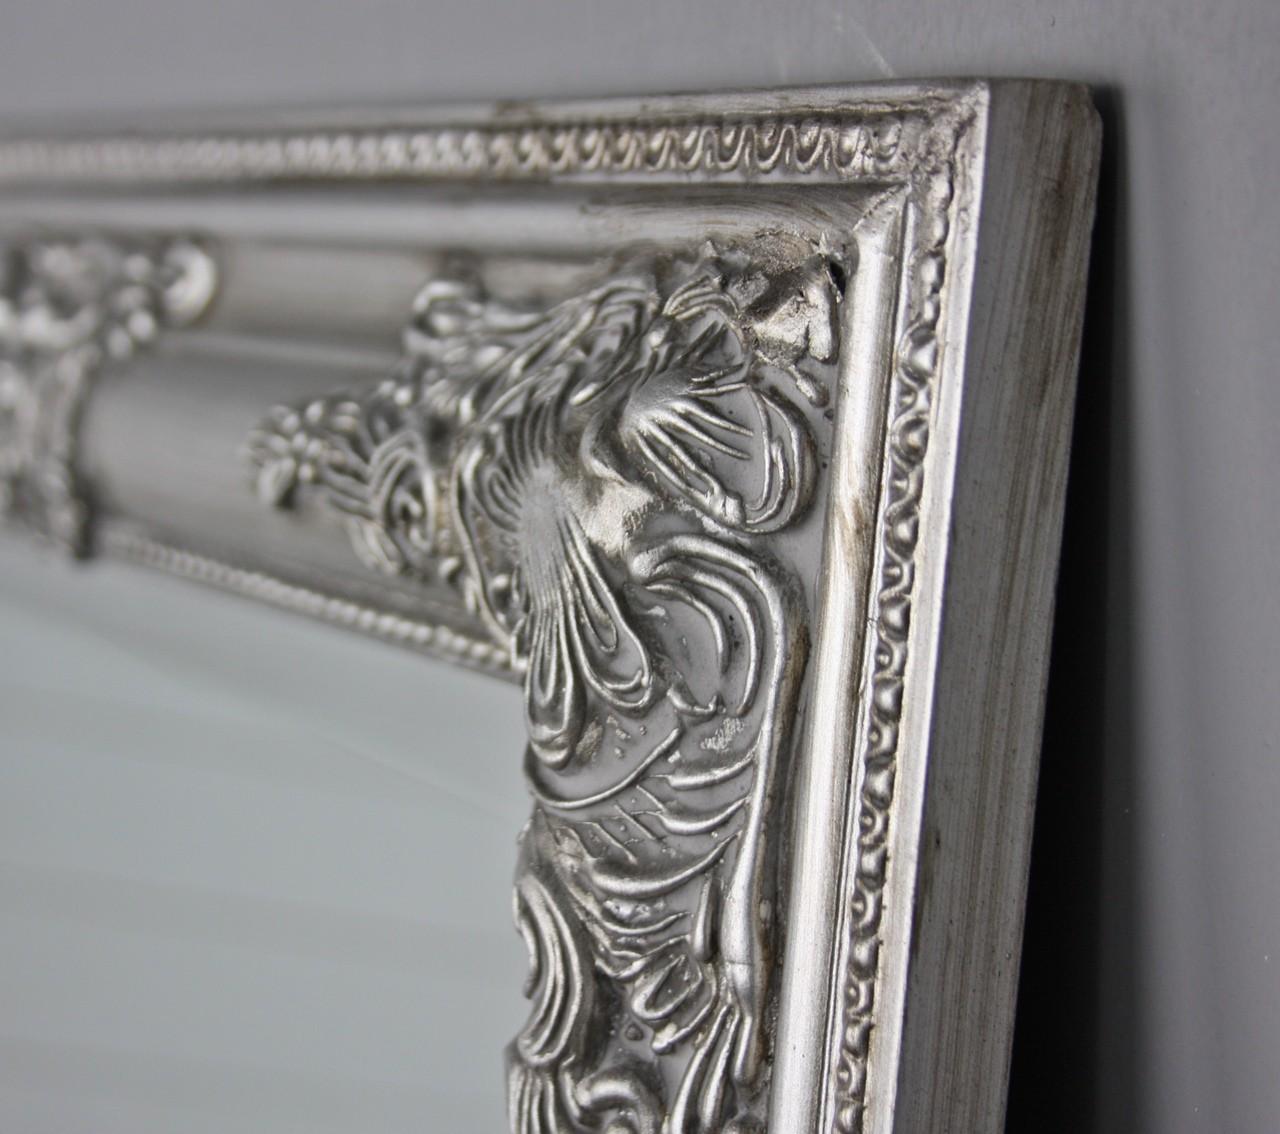 Spiegel silber barock - Barock wandspiegel silber ...